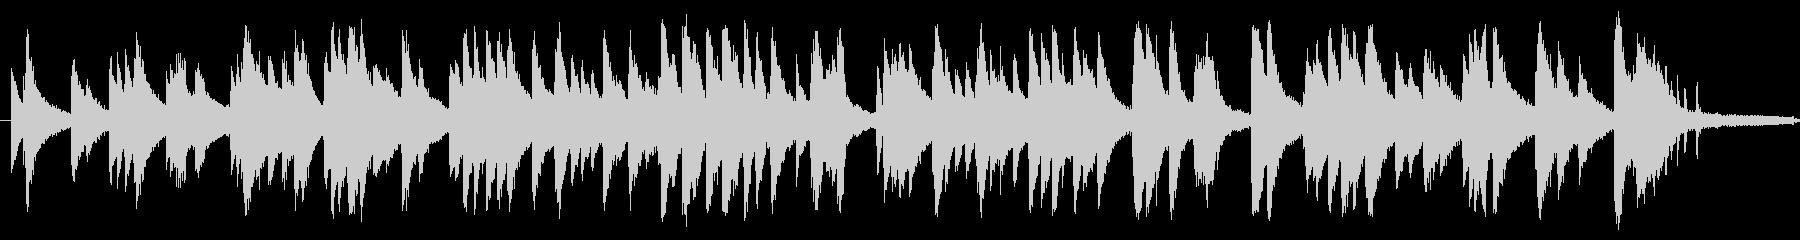 ジャズ風のしっとりとしたピアノソロの未再生の波形